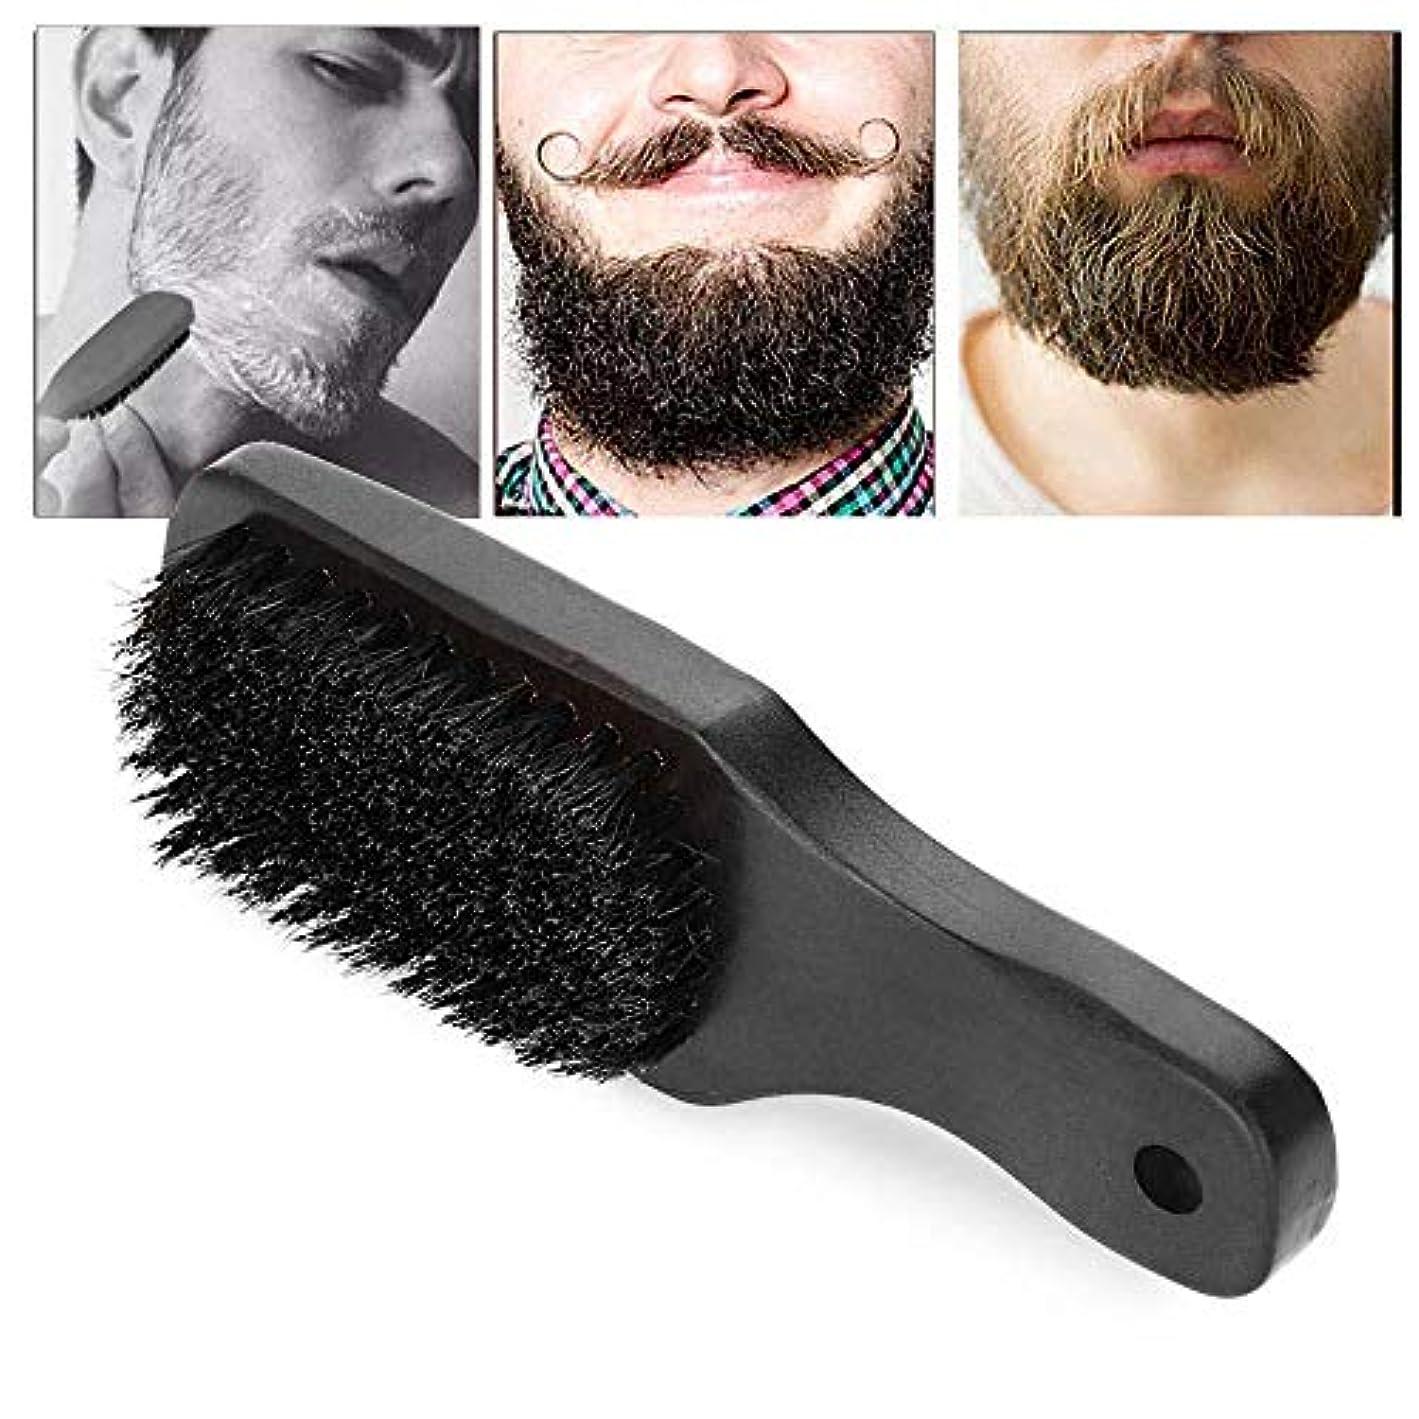 ポマードの毛の櫛、ひげのための剃るブラシの毛の手入れをするポマードの毛の櫛の人のひげを生やしたひげのクリーニングブラシの毛